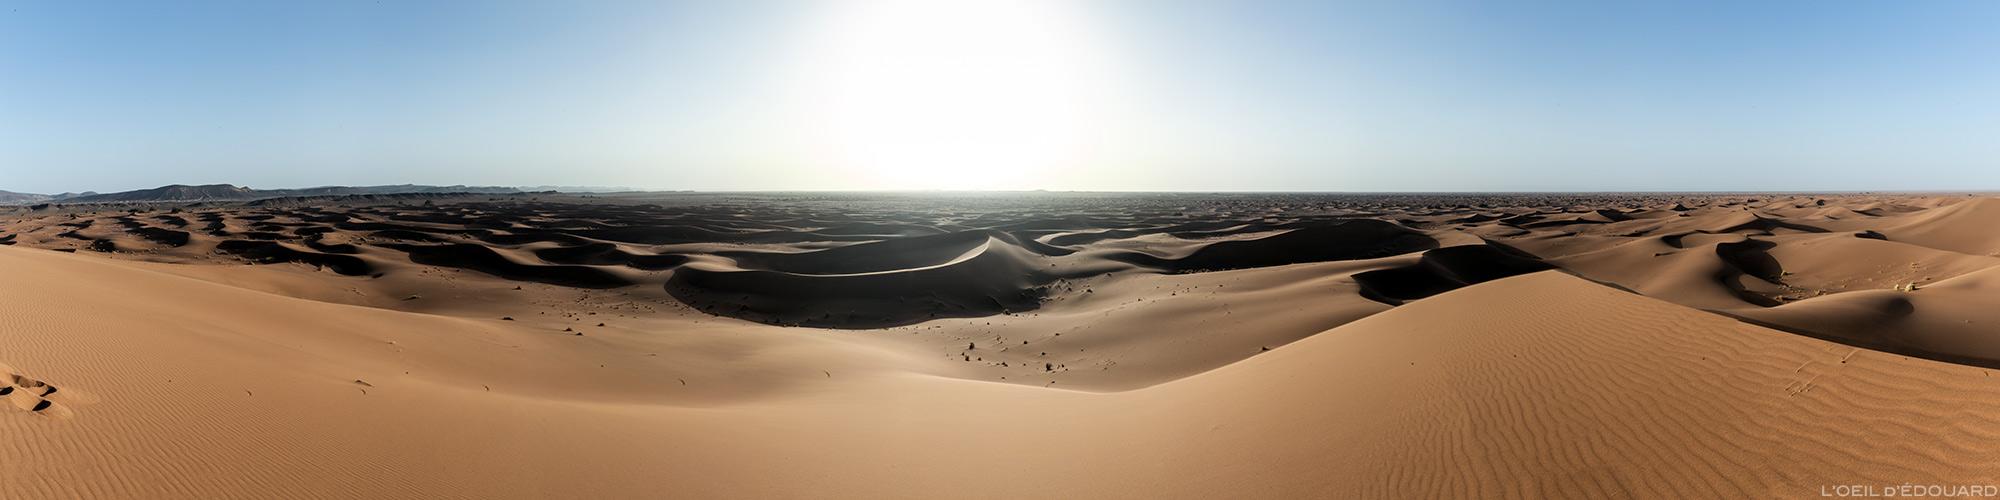 Coucher de soleil sur les dunes du désert du Maroc